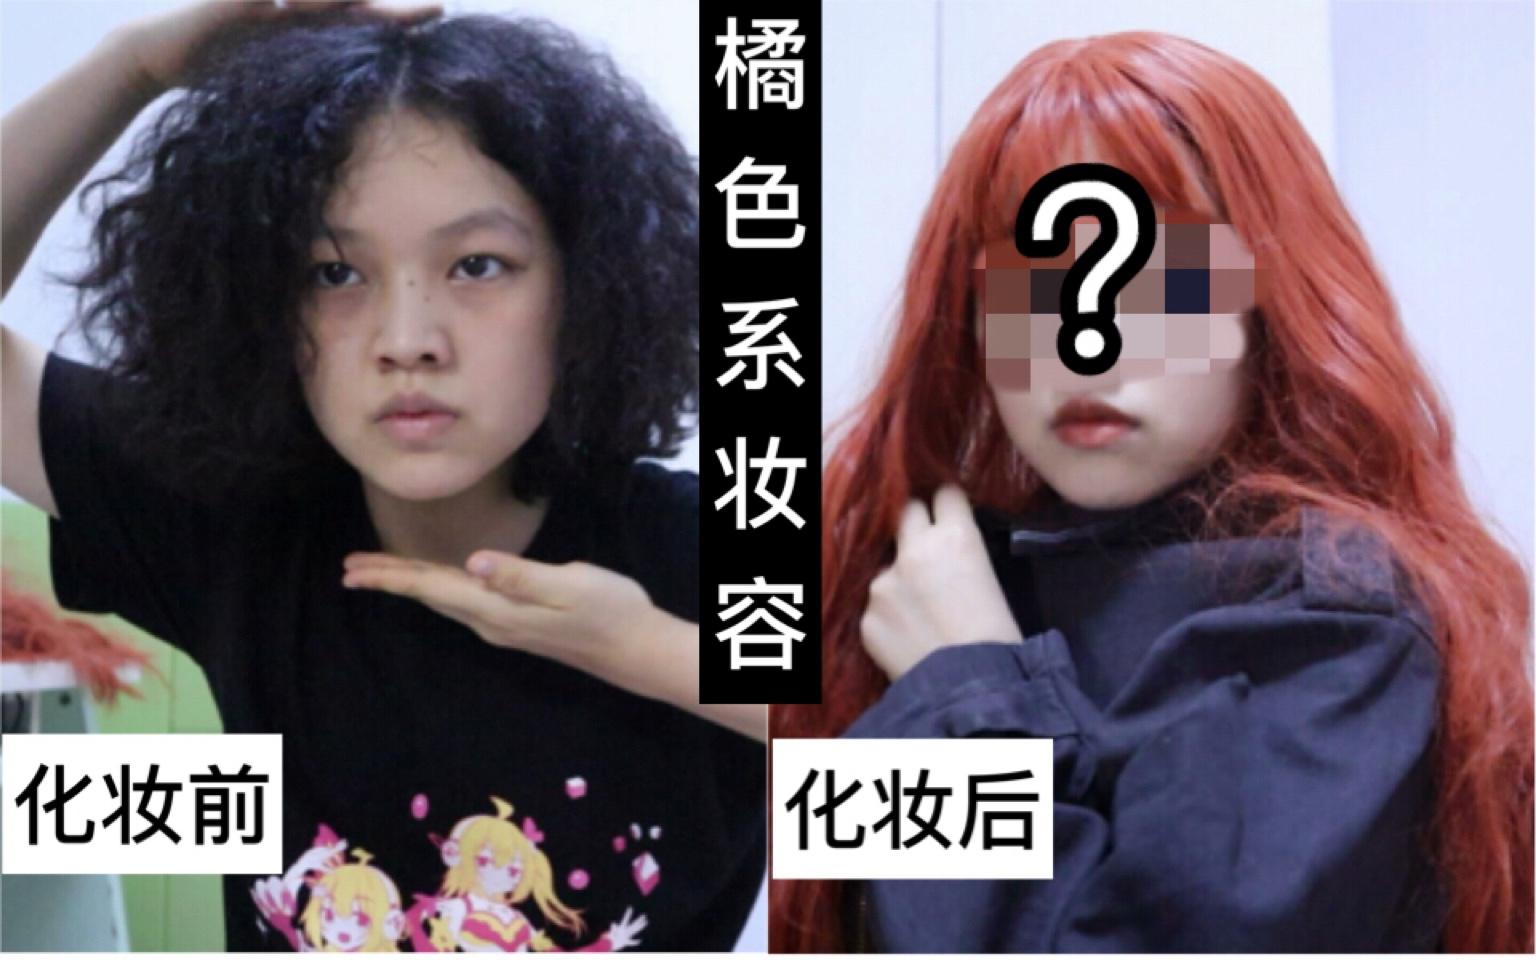 学生党第一次戴橘色假发,化完妆成熟到父母都不认识了